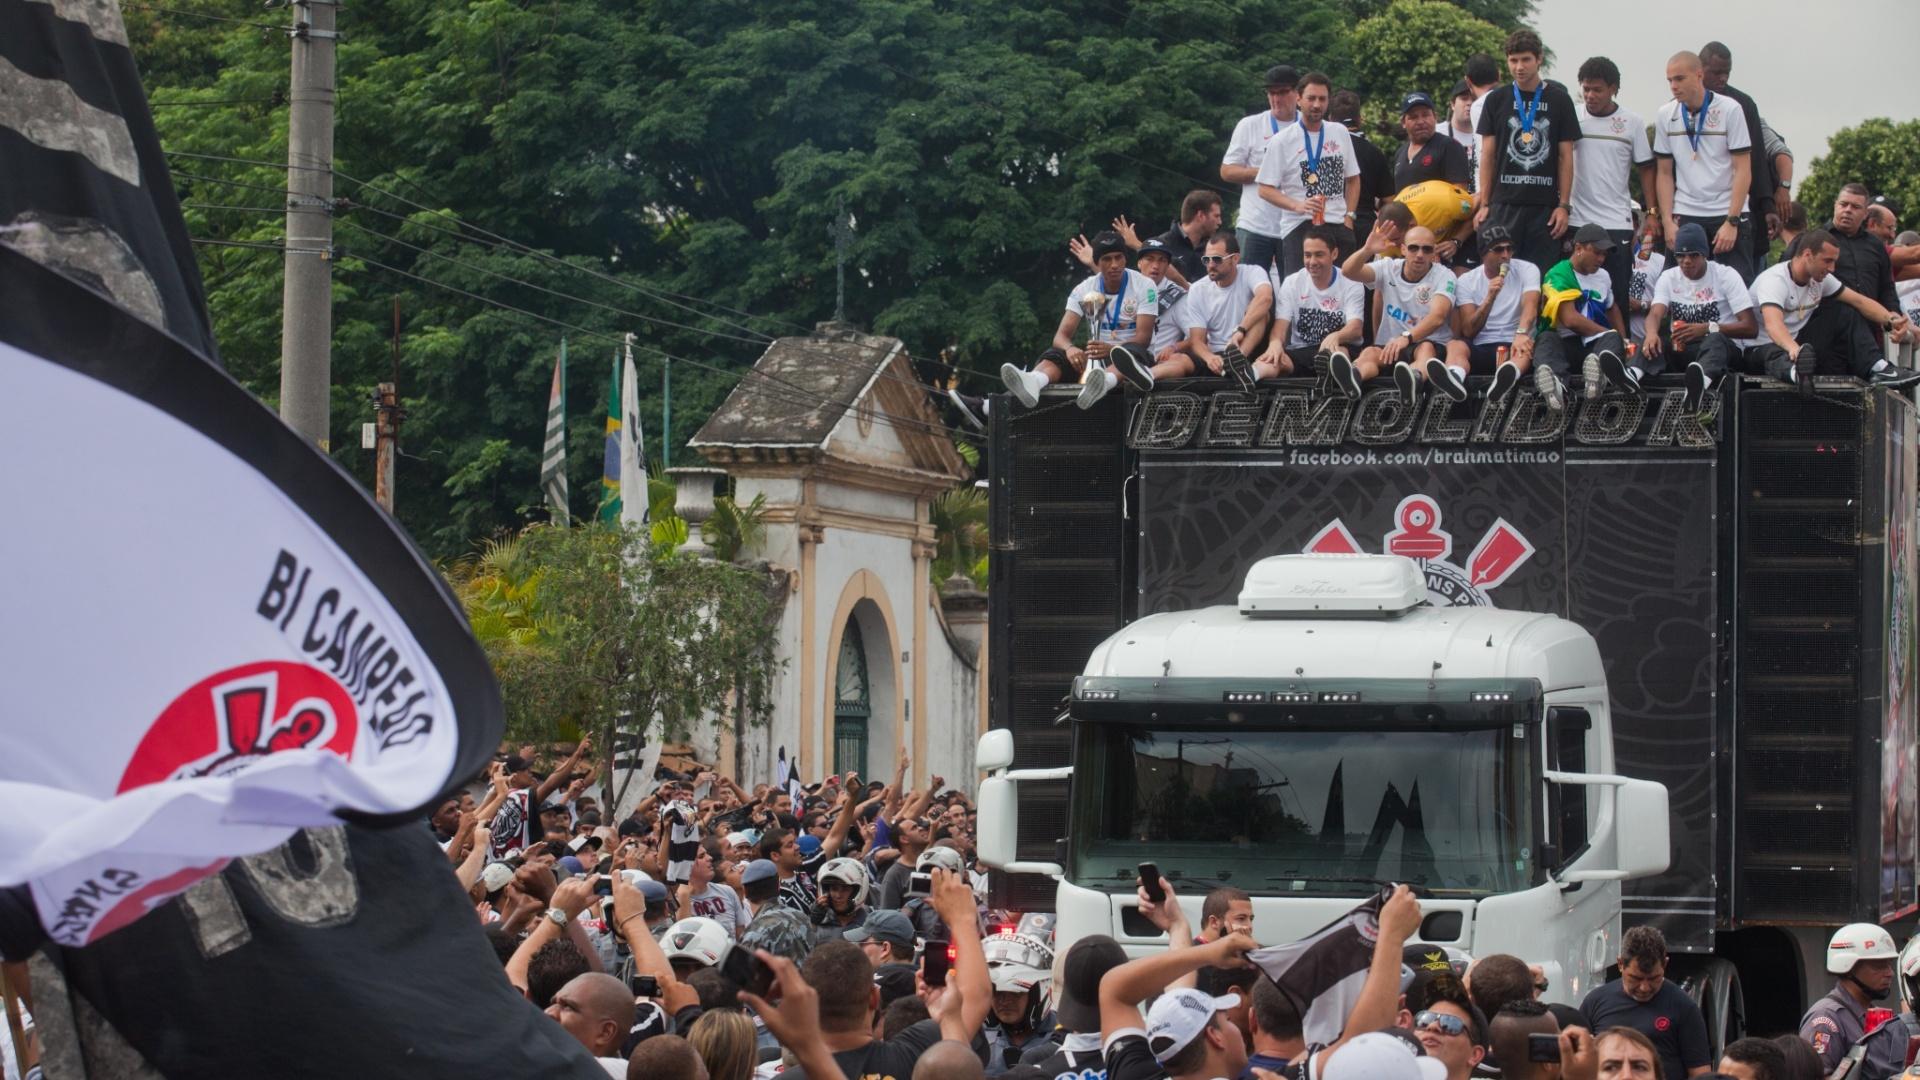 18.dez.2012- Rodeado por torcedores, trio elétrico com os jogadores do Corinthians passa pelas ruas de São Paulo